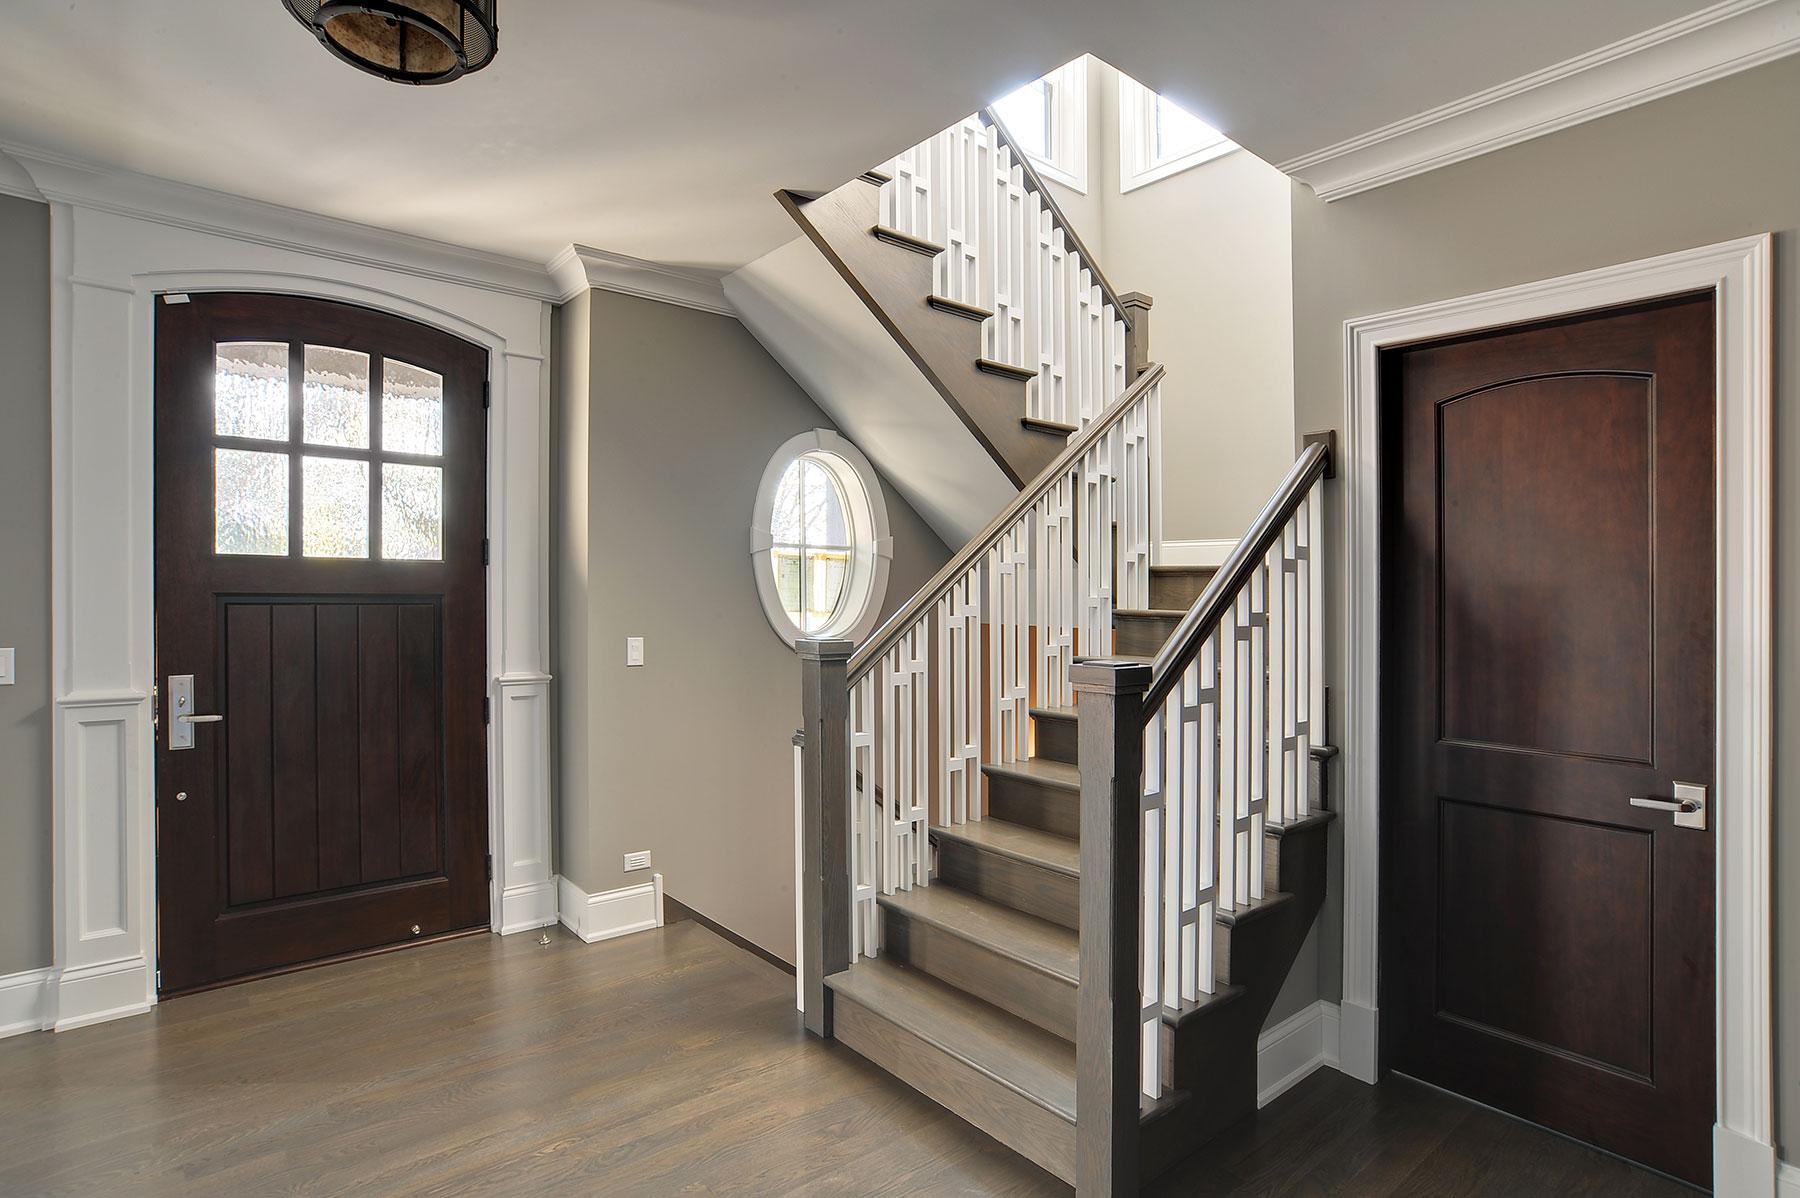 Custom Wood Interior Doors | Classic Collection Solid Wood Front Entry Door  - Glenview Doors - Custom Doors in Chicago